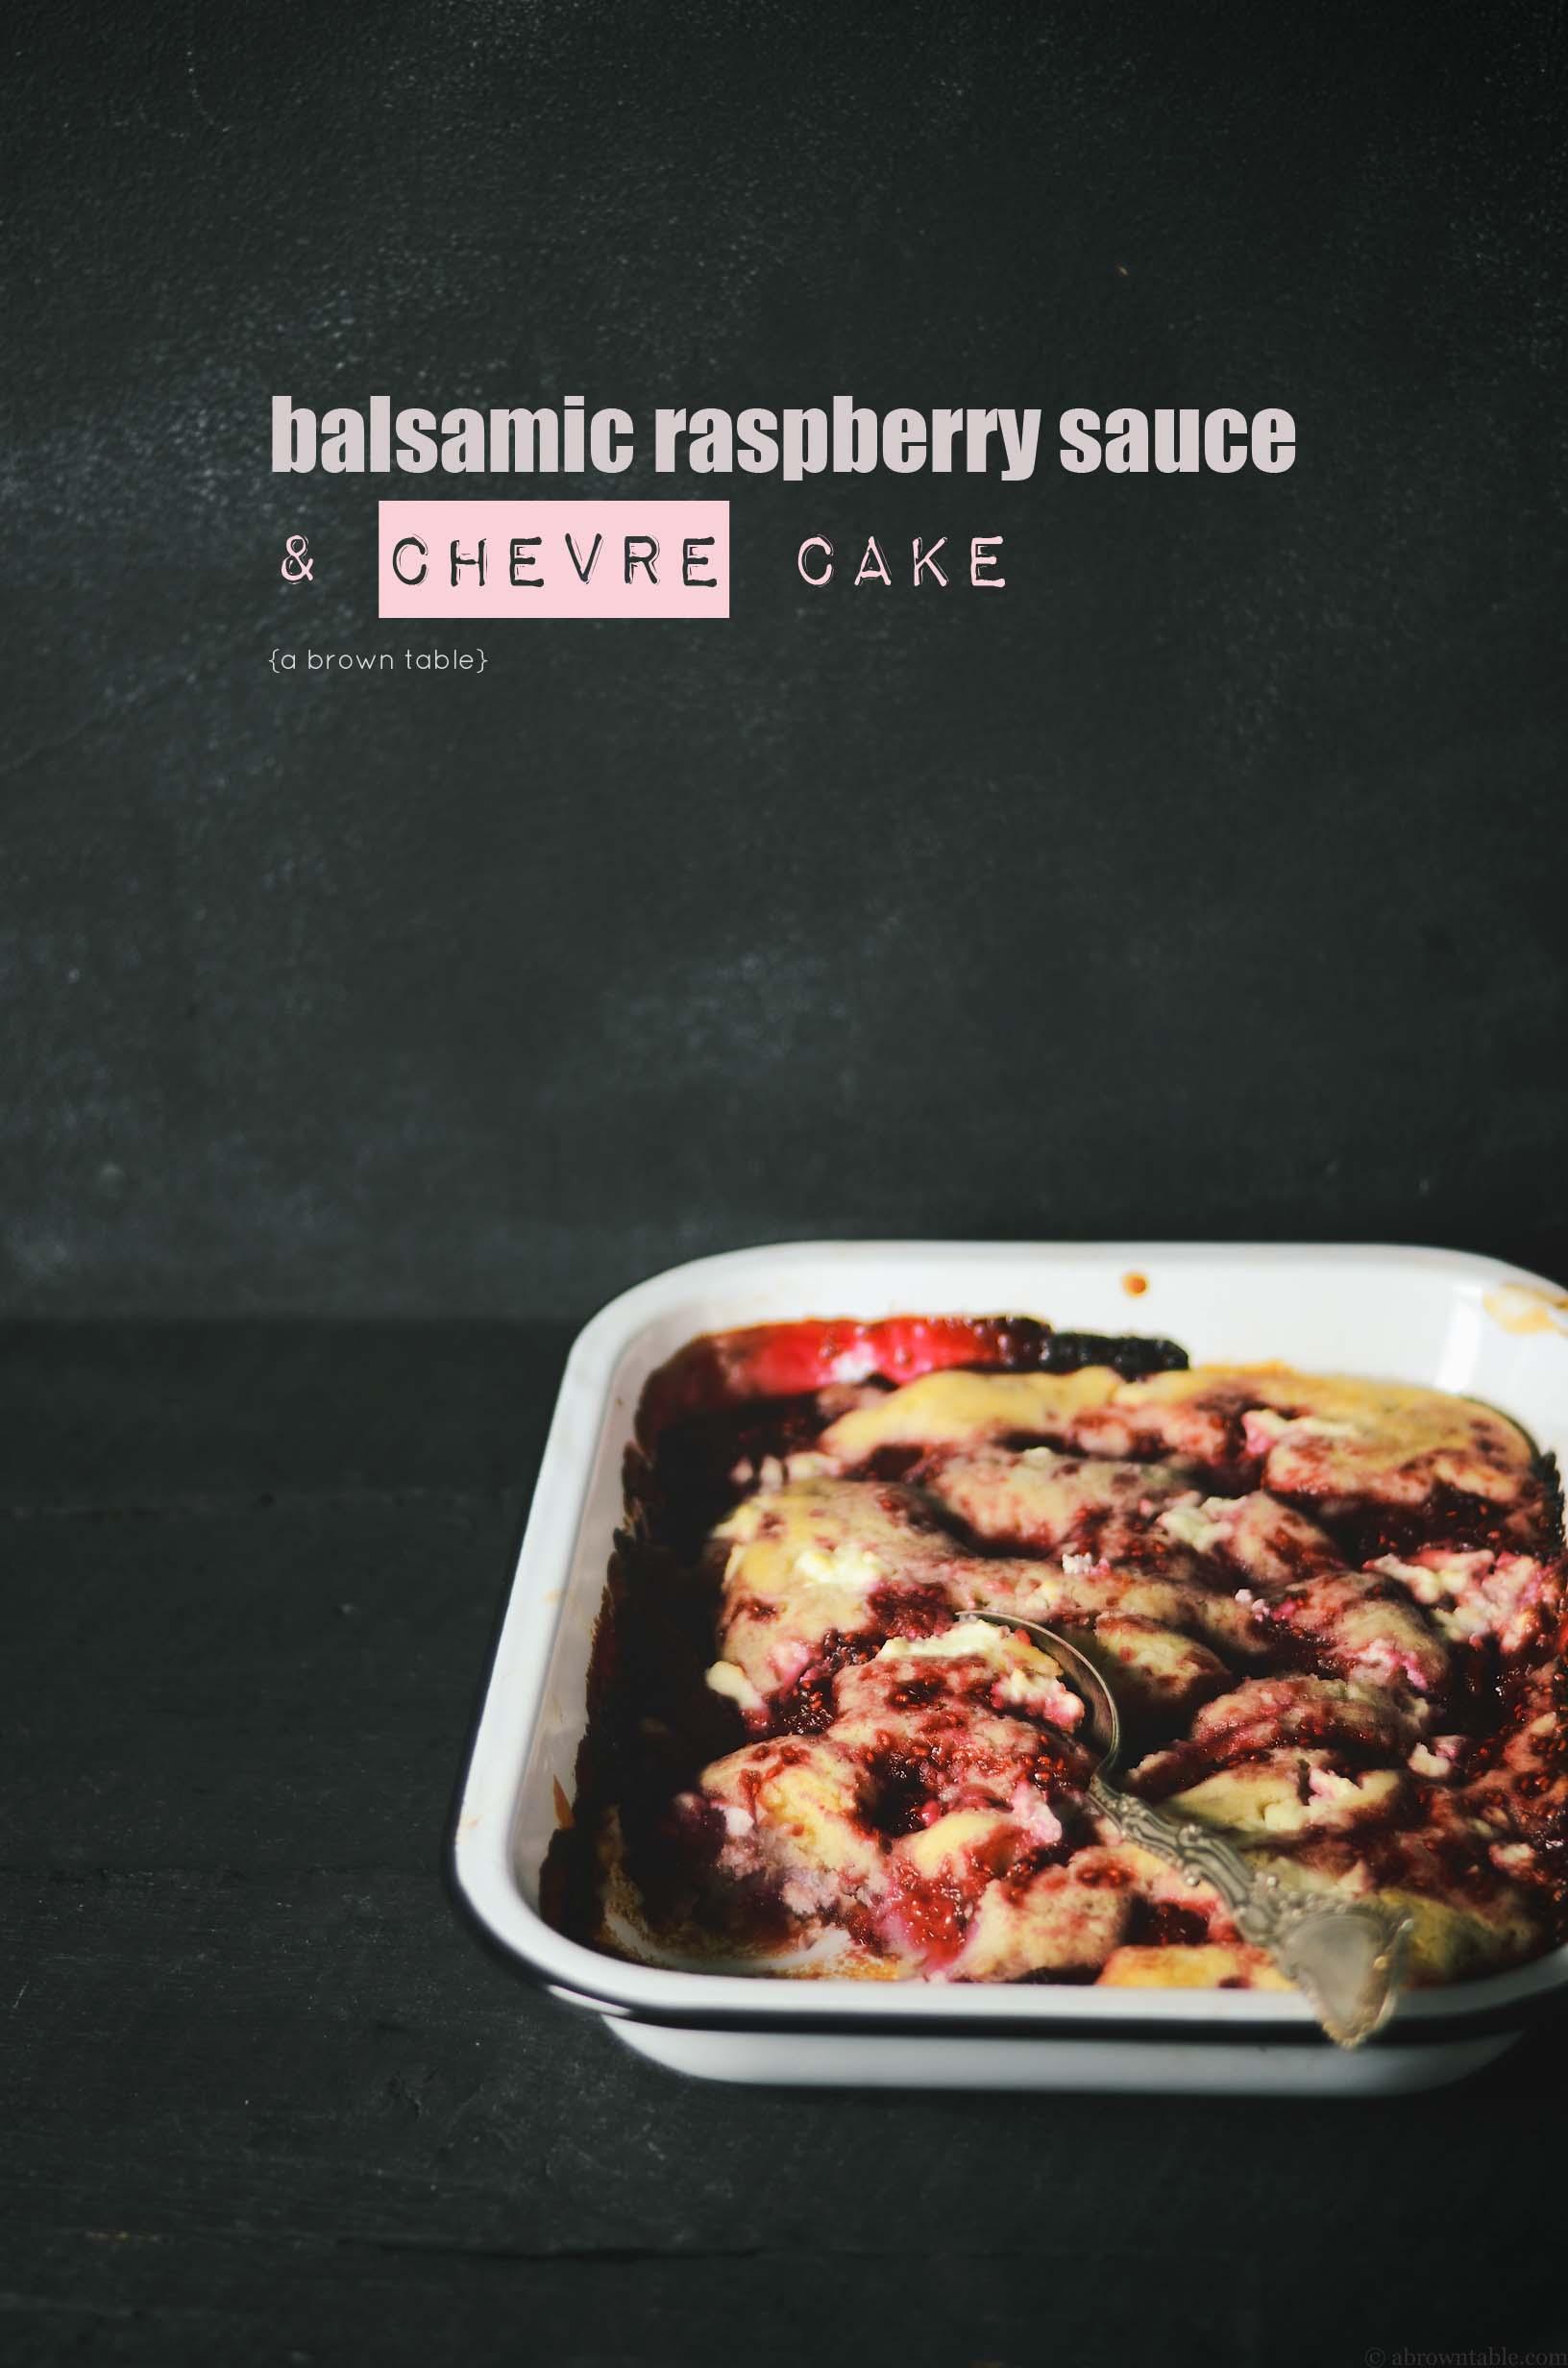 balsamic raspberry sauce and chevre cake